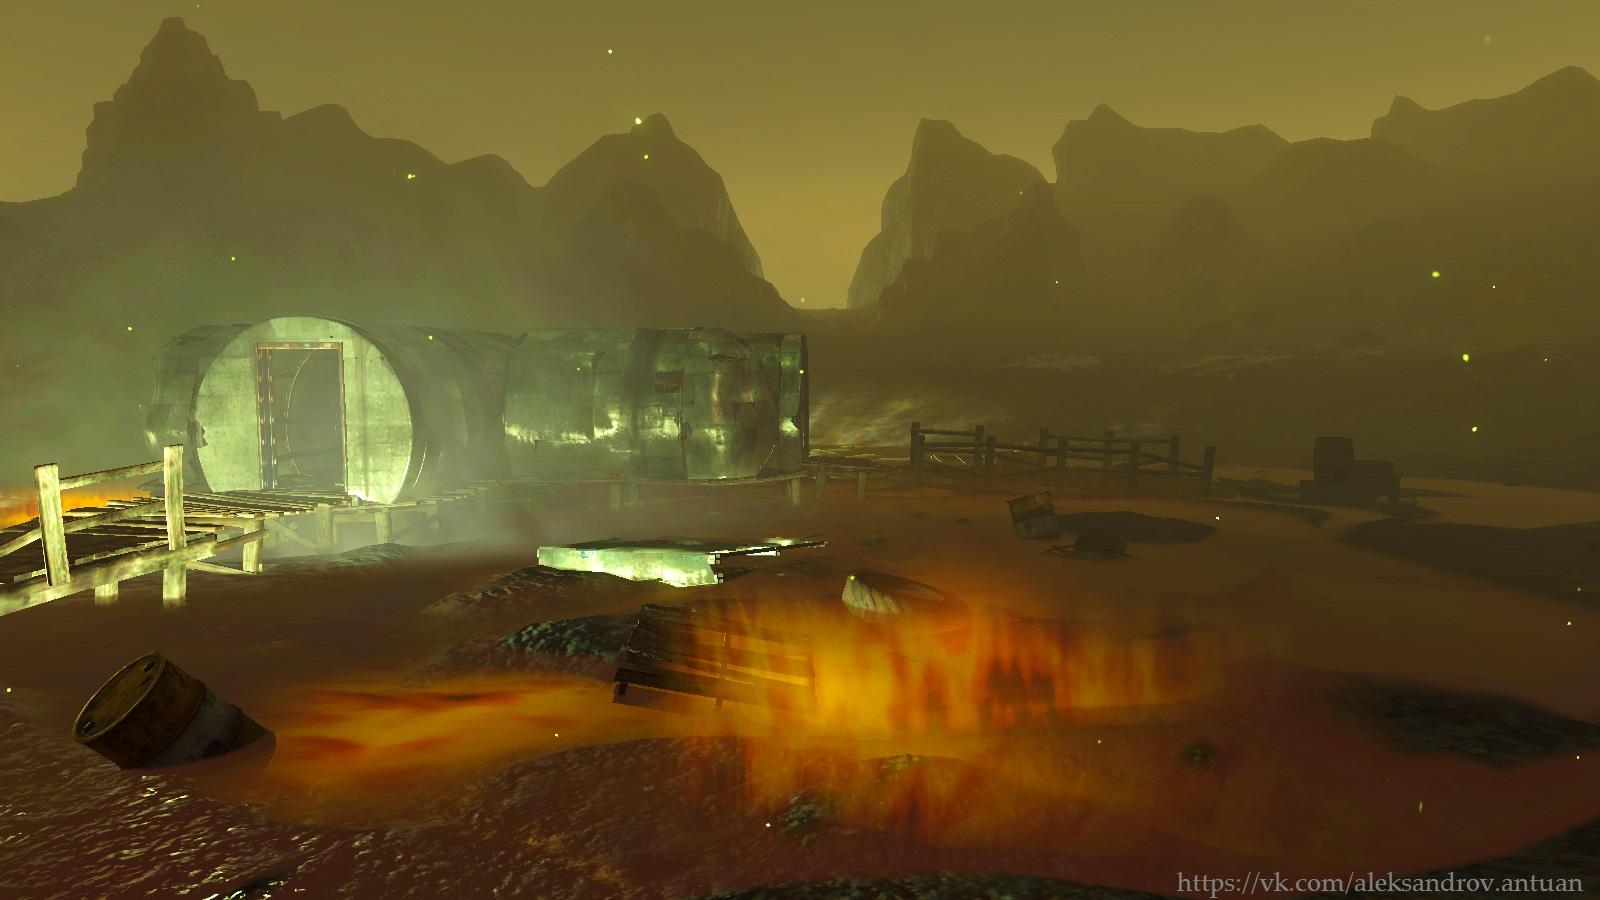 Светящееся море - радиоактивная красота. - Fallout 4 Светящееся море